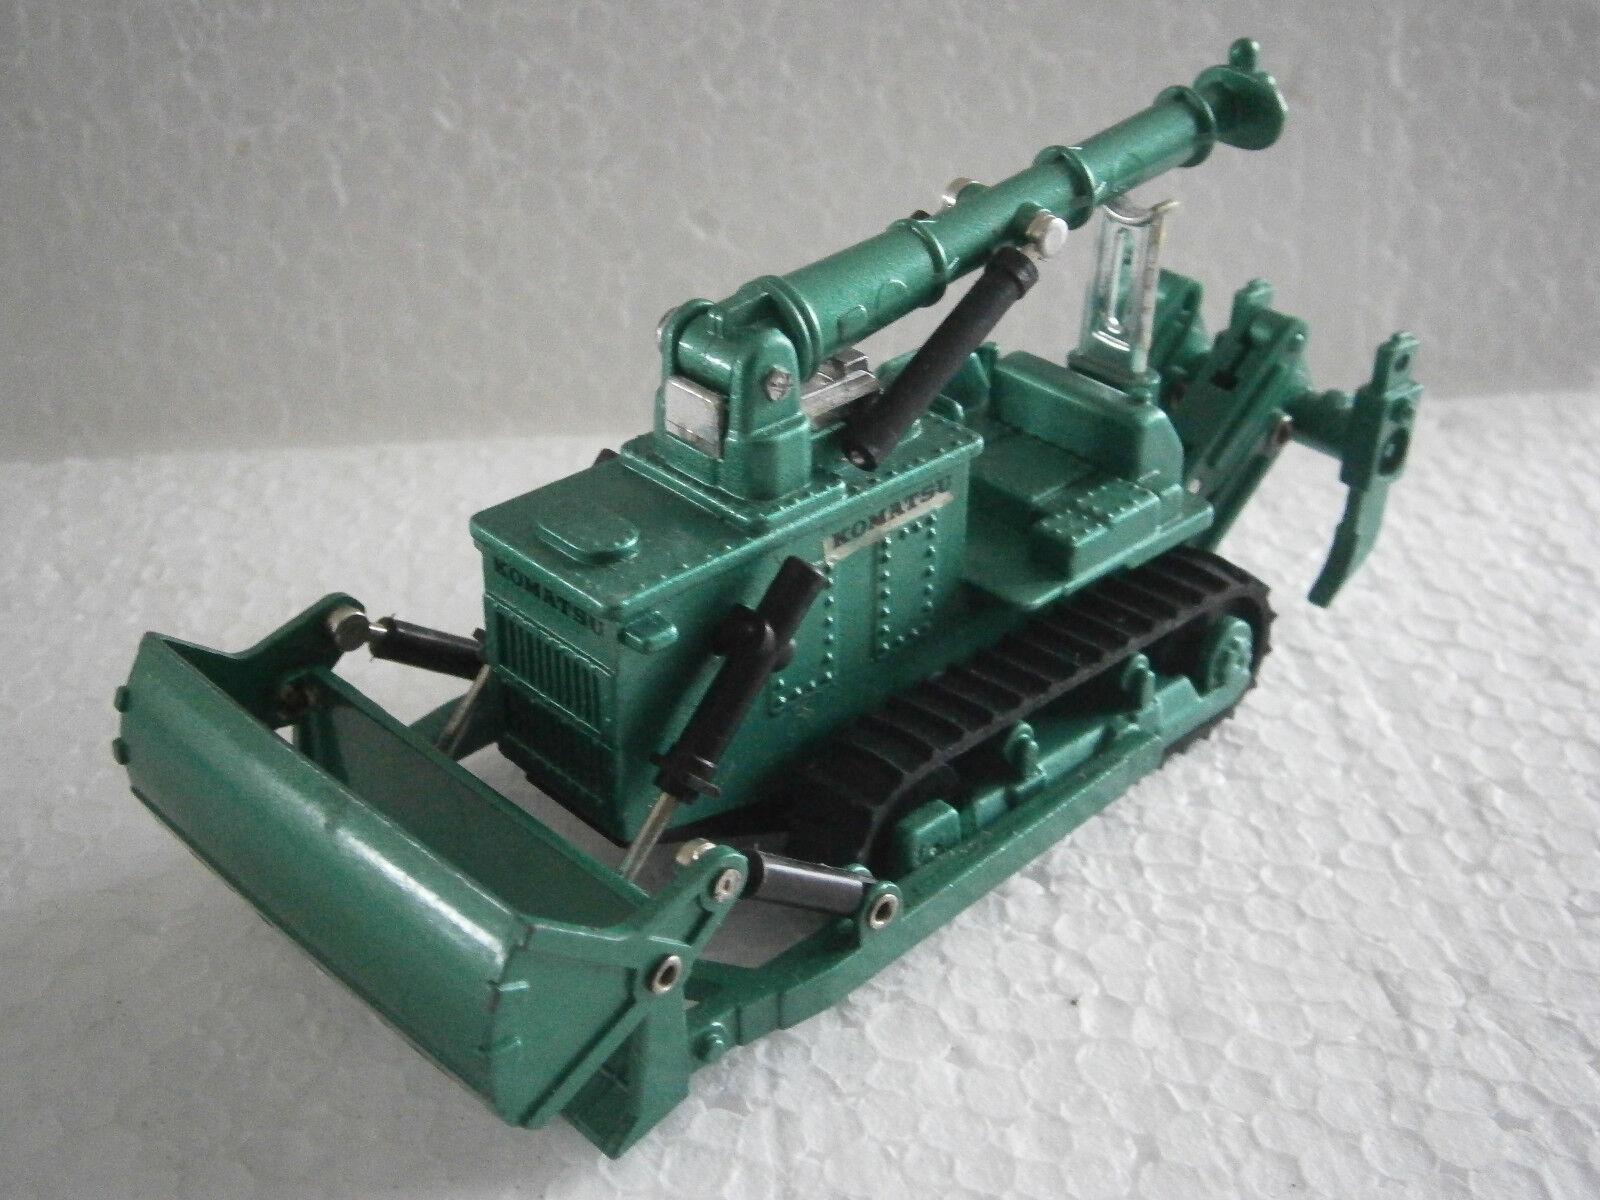 ENGIN DE CHANTIER TP SHINSEI MINI MINI MINI POWER N°36 AMPHIBIOUS BULLDOZER D155W 1 60 0e550d